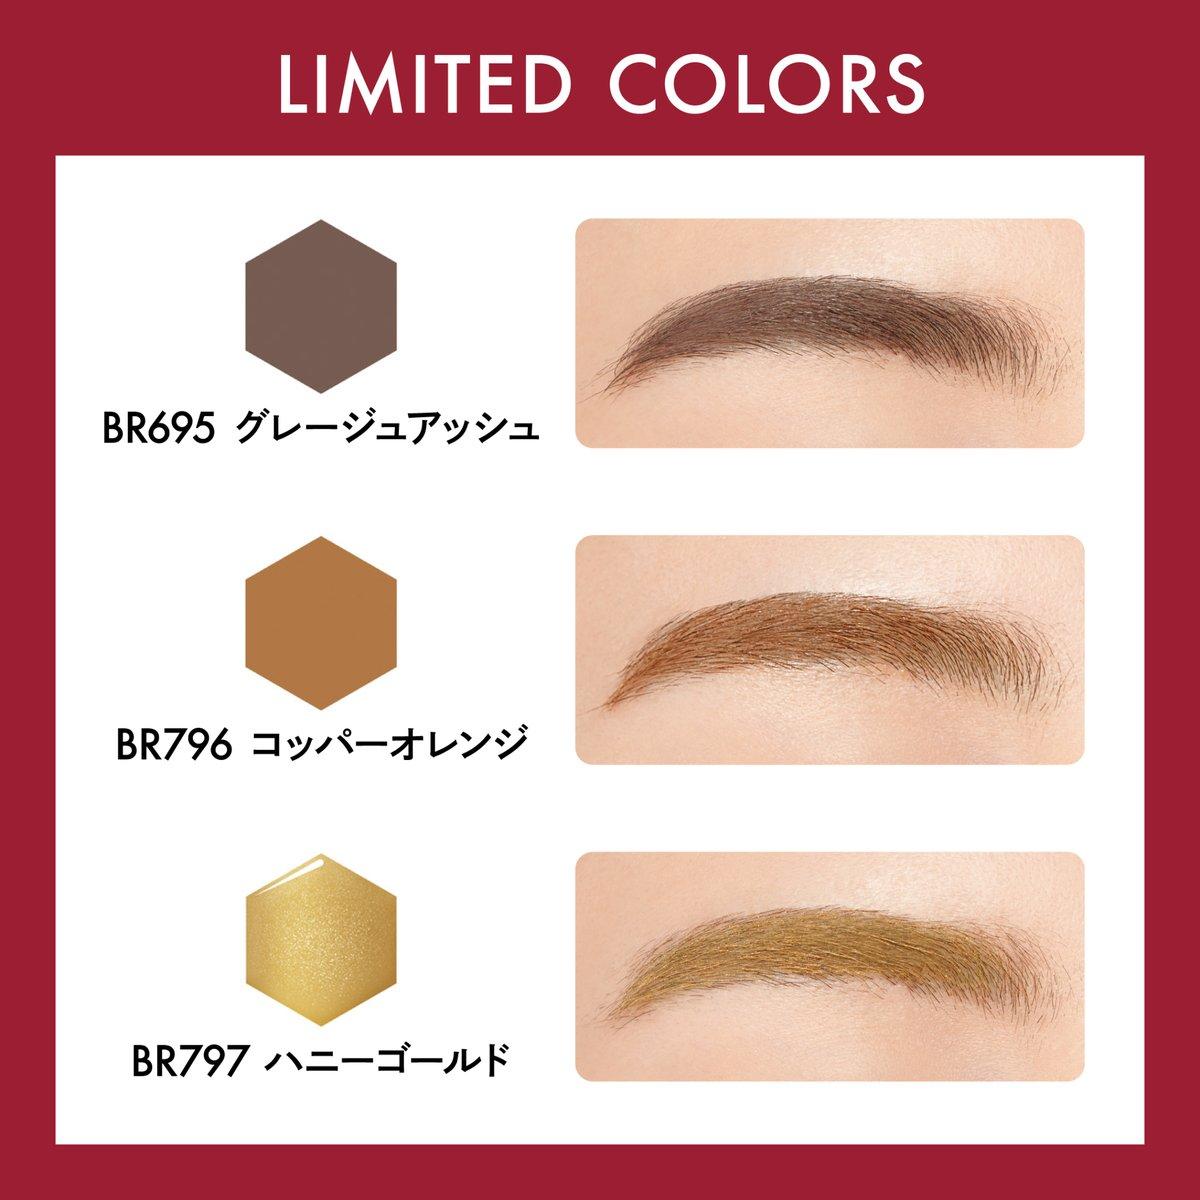 インテグレートの眉マスカラの限定色や新色